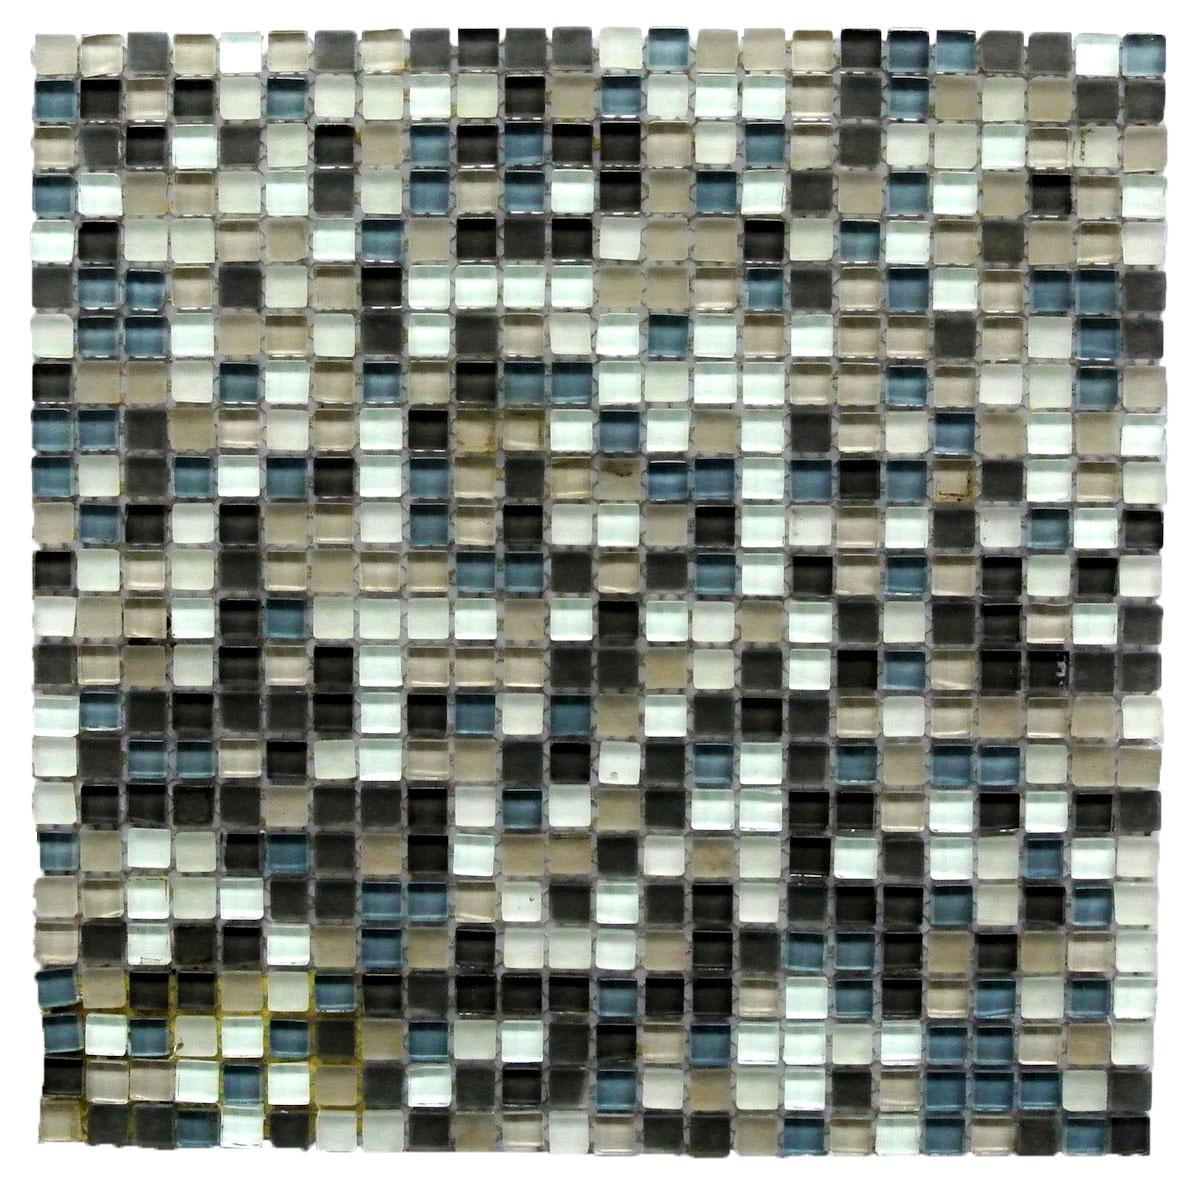 """Petite 0.375"""" x 0.375"""" Multi Finish Blue Glass Square Backsplash Mosaic Wall Tile"""